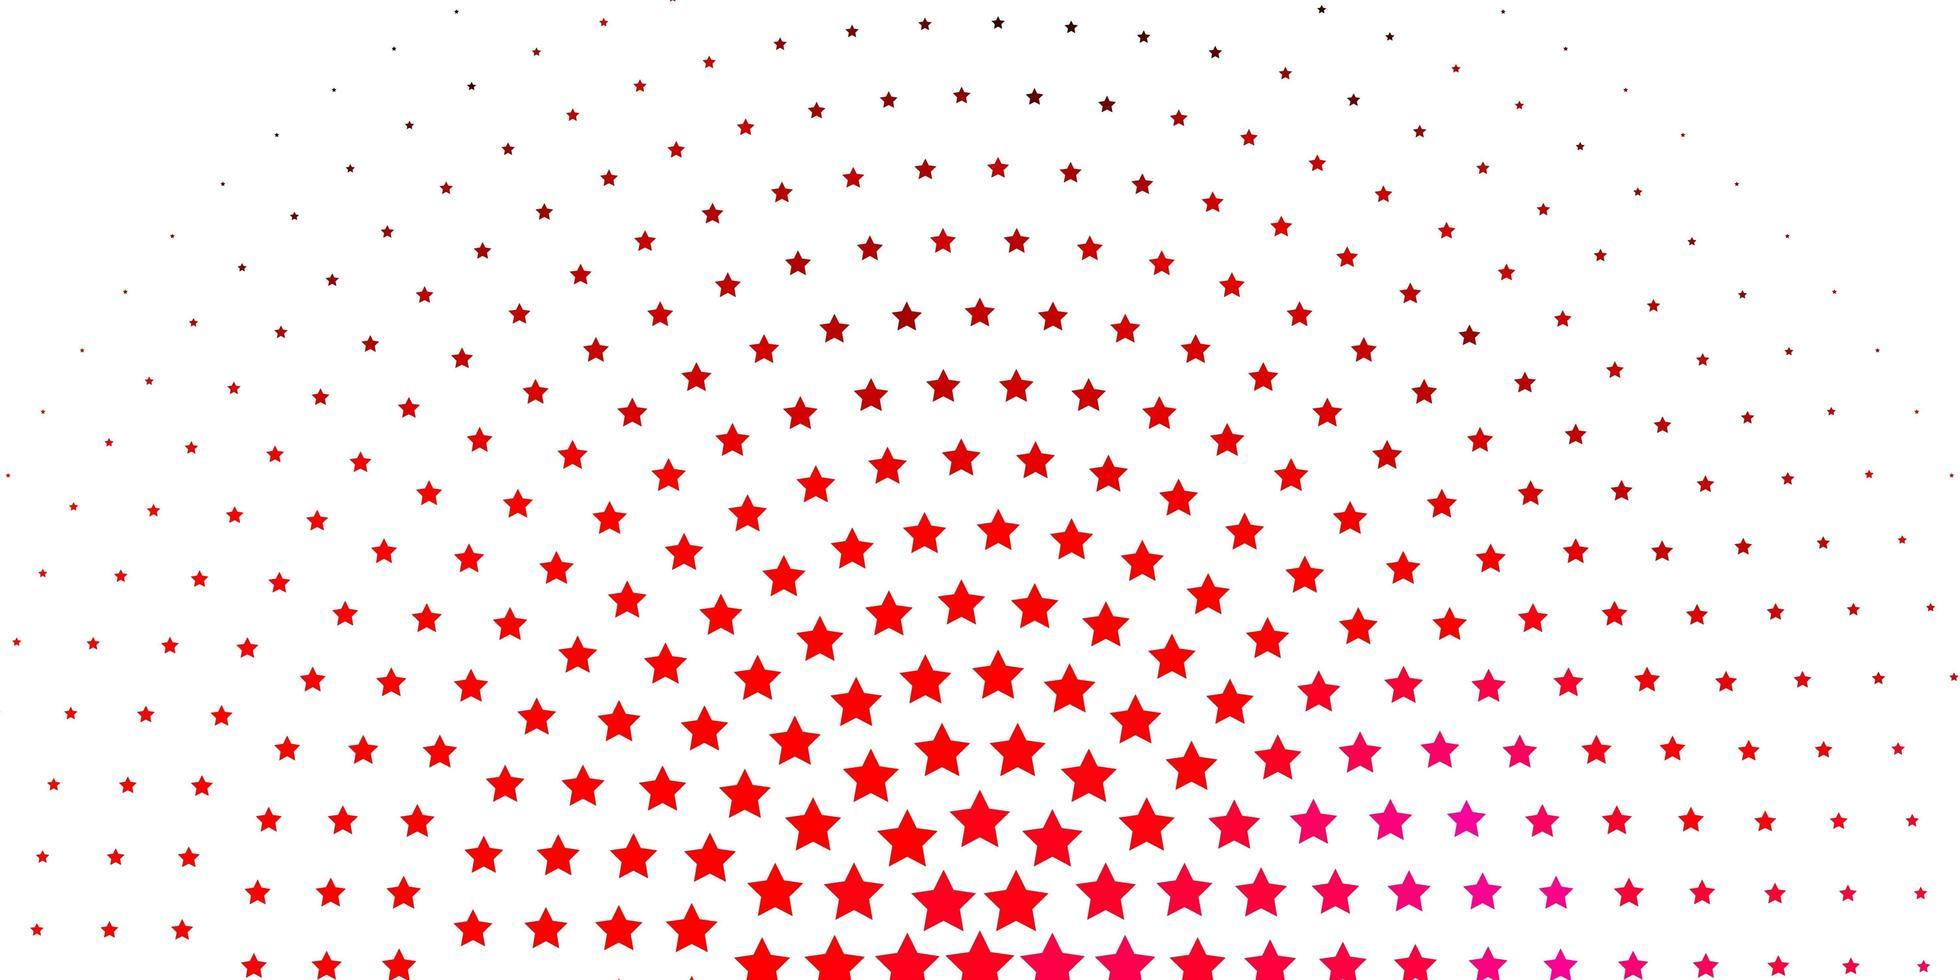 padrão de rosa claro com estrelas abstratas. vetor